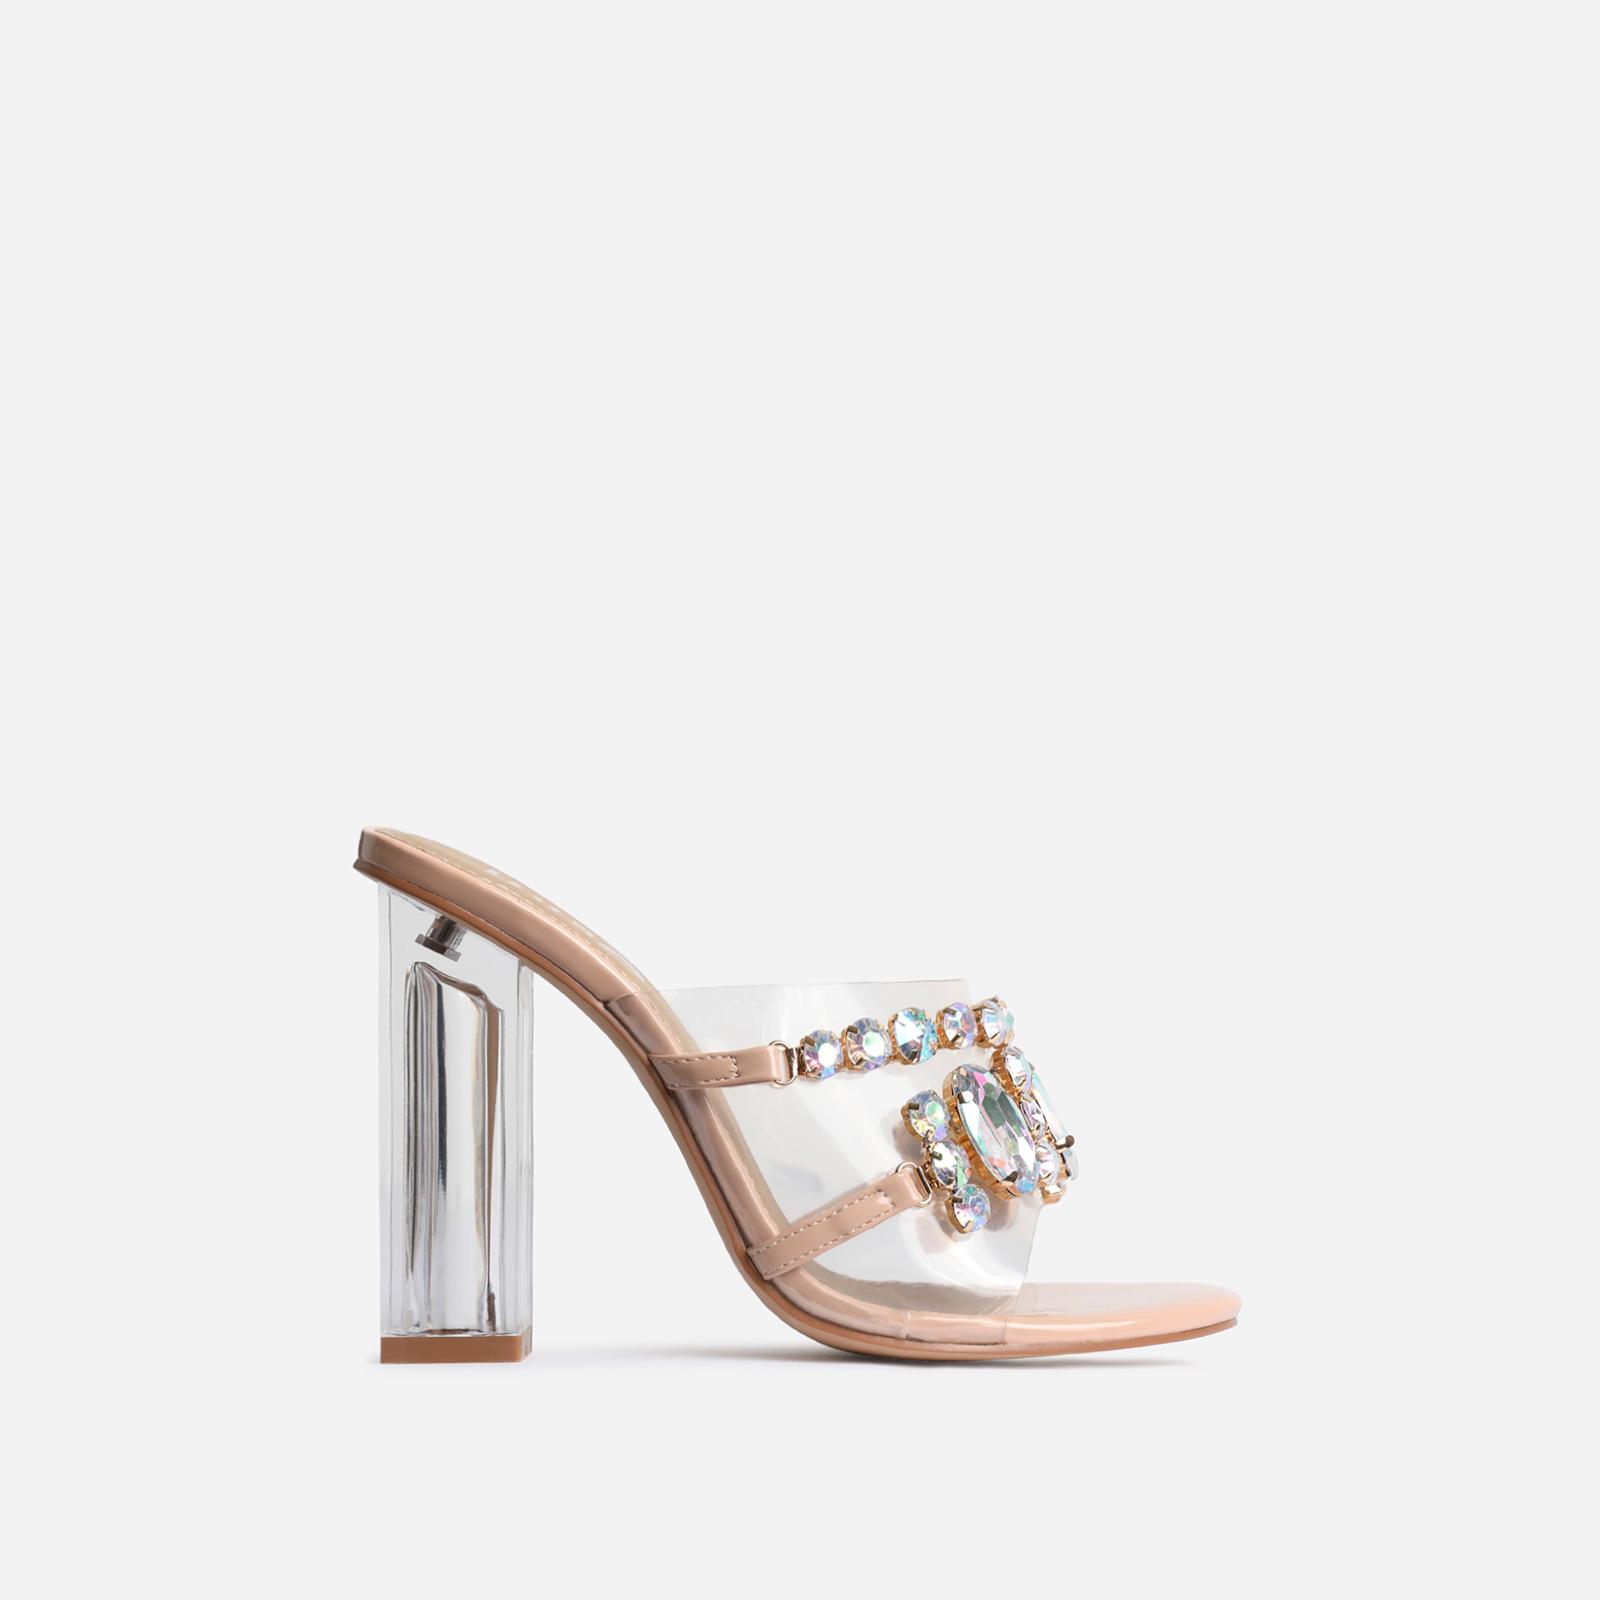 Frost Gem Embellished Perspex Peep Toe Block Heel Mule In Nude Patent